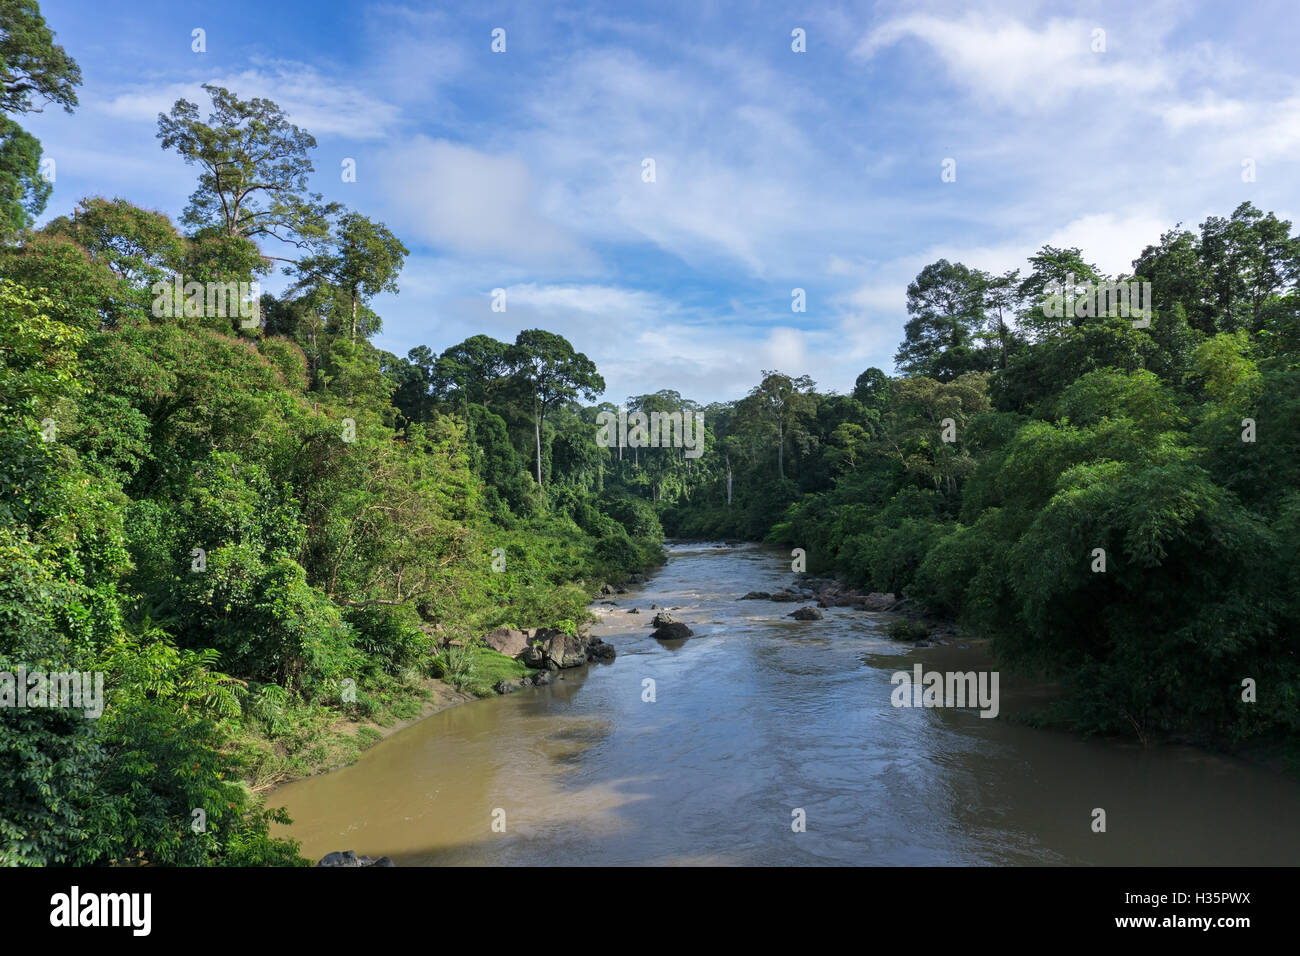 Rivière Segama flanqué de la plaine non perturbées dans les forêts de diptérocarpacées Photo Stock